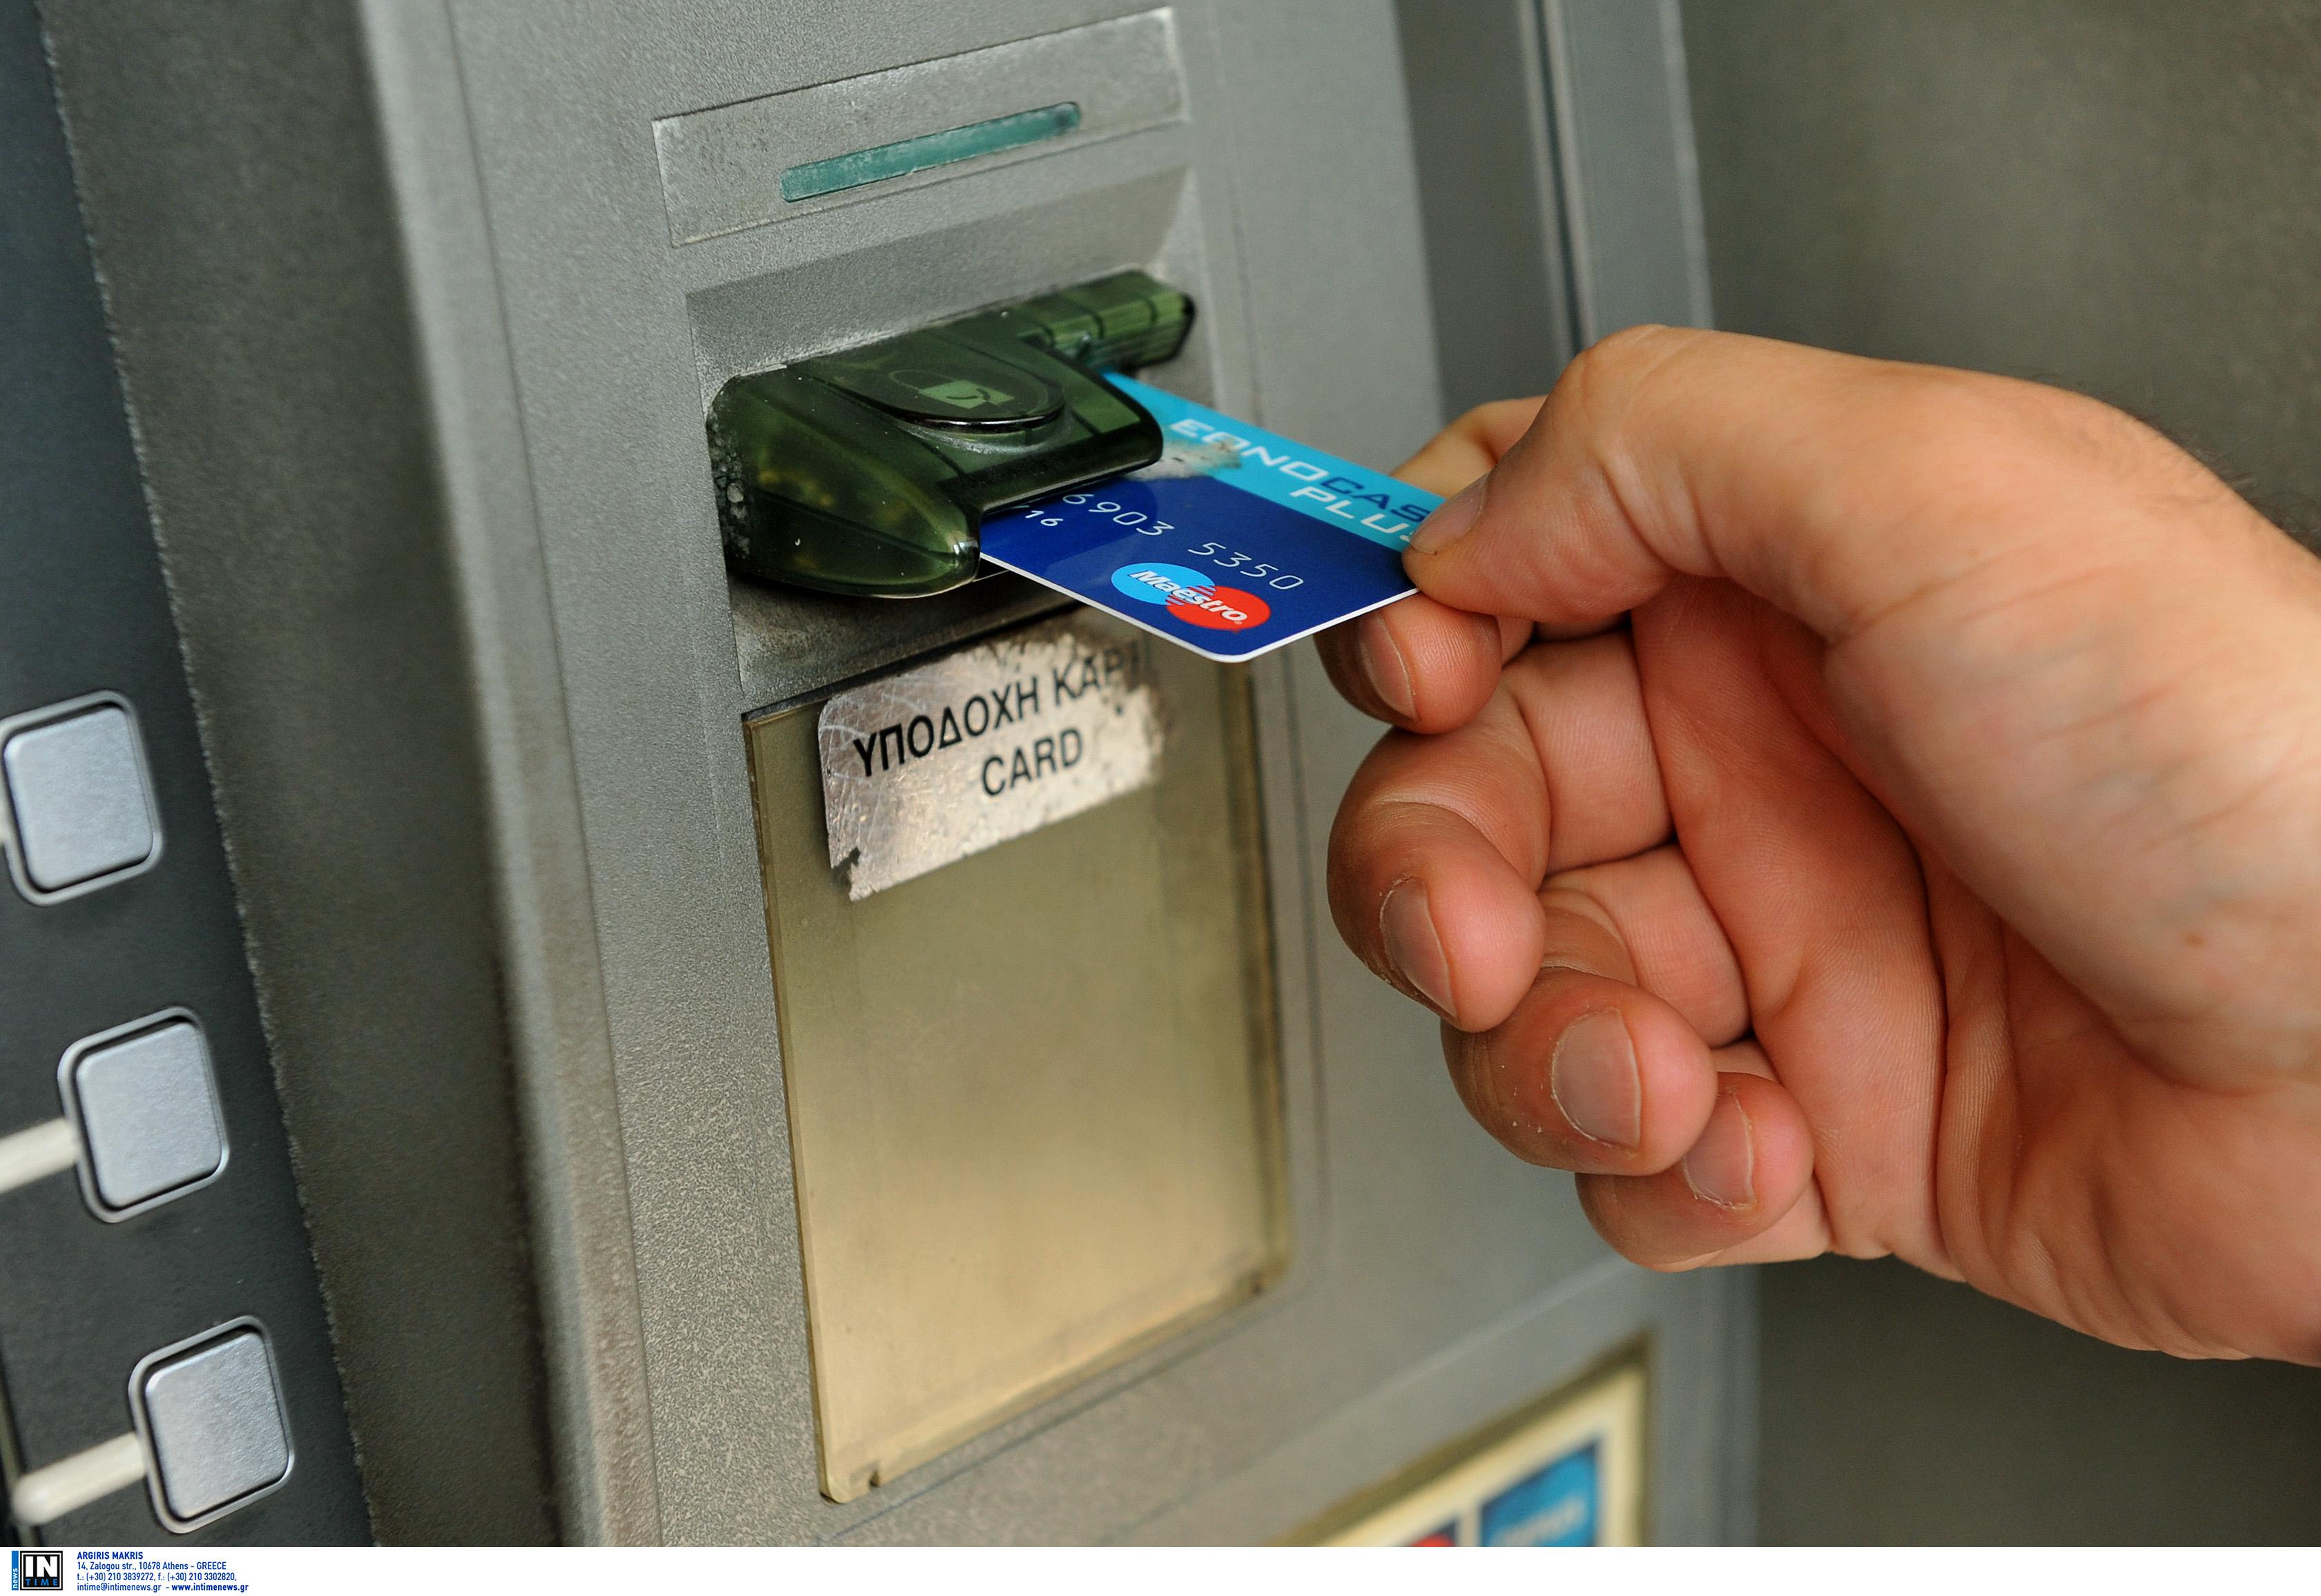 """Αναλήψεις μετρητών από ATM: Από σήμερα (22/07) """"τσουχτερές"""" χρεώσεις"""